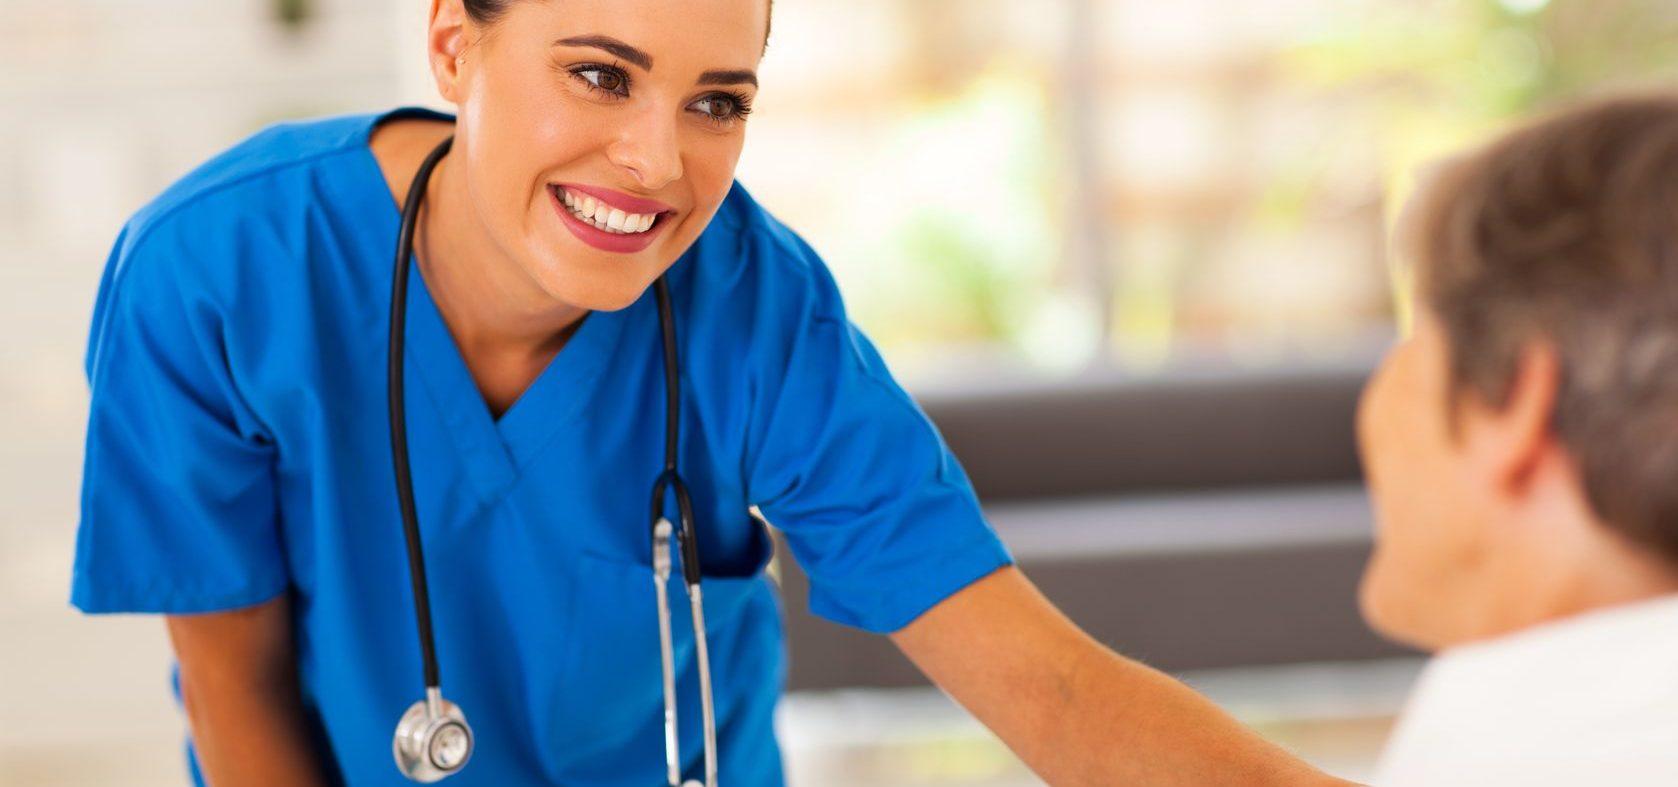 ¿Qué debo saber al contratar un servicio de enfermería?